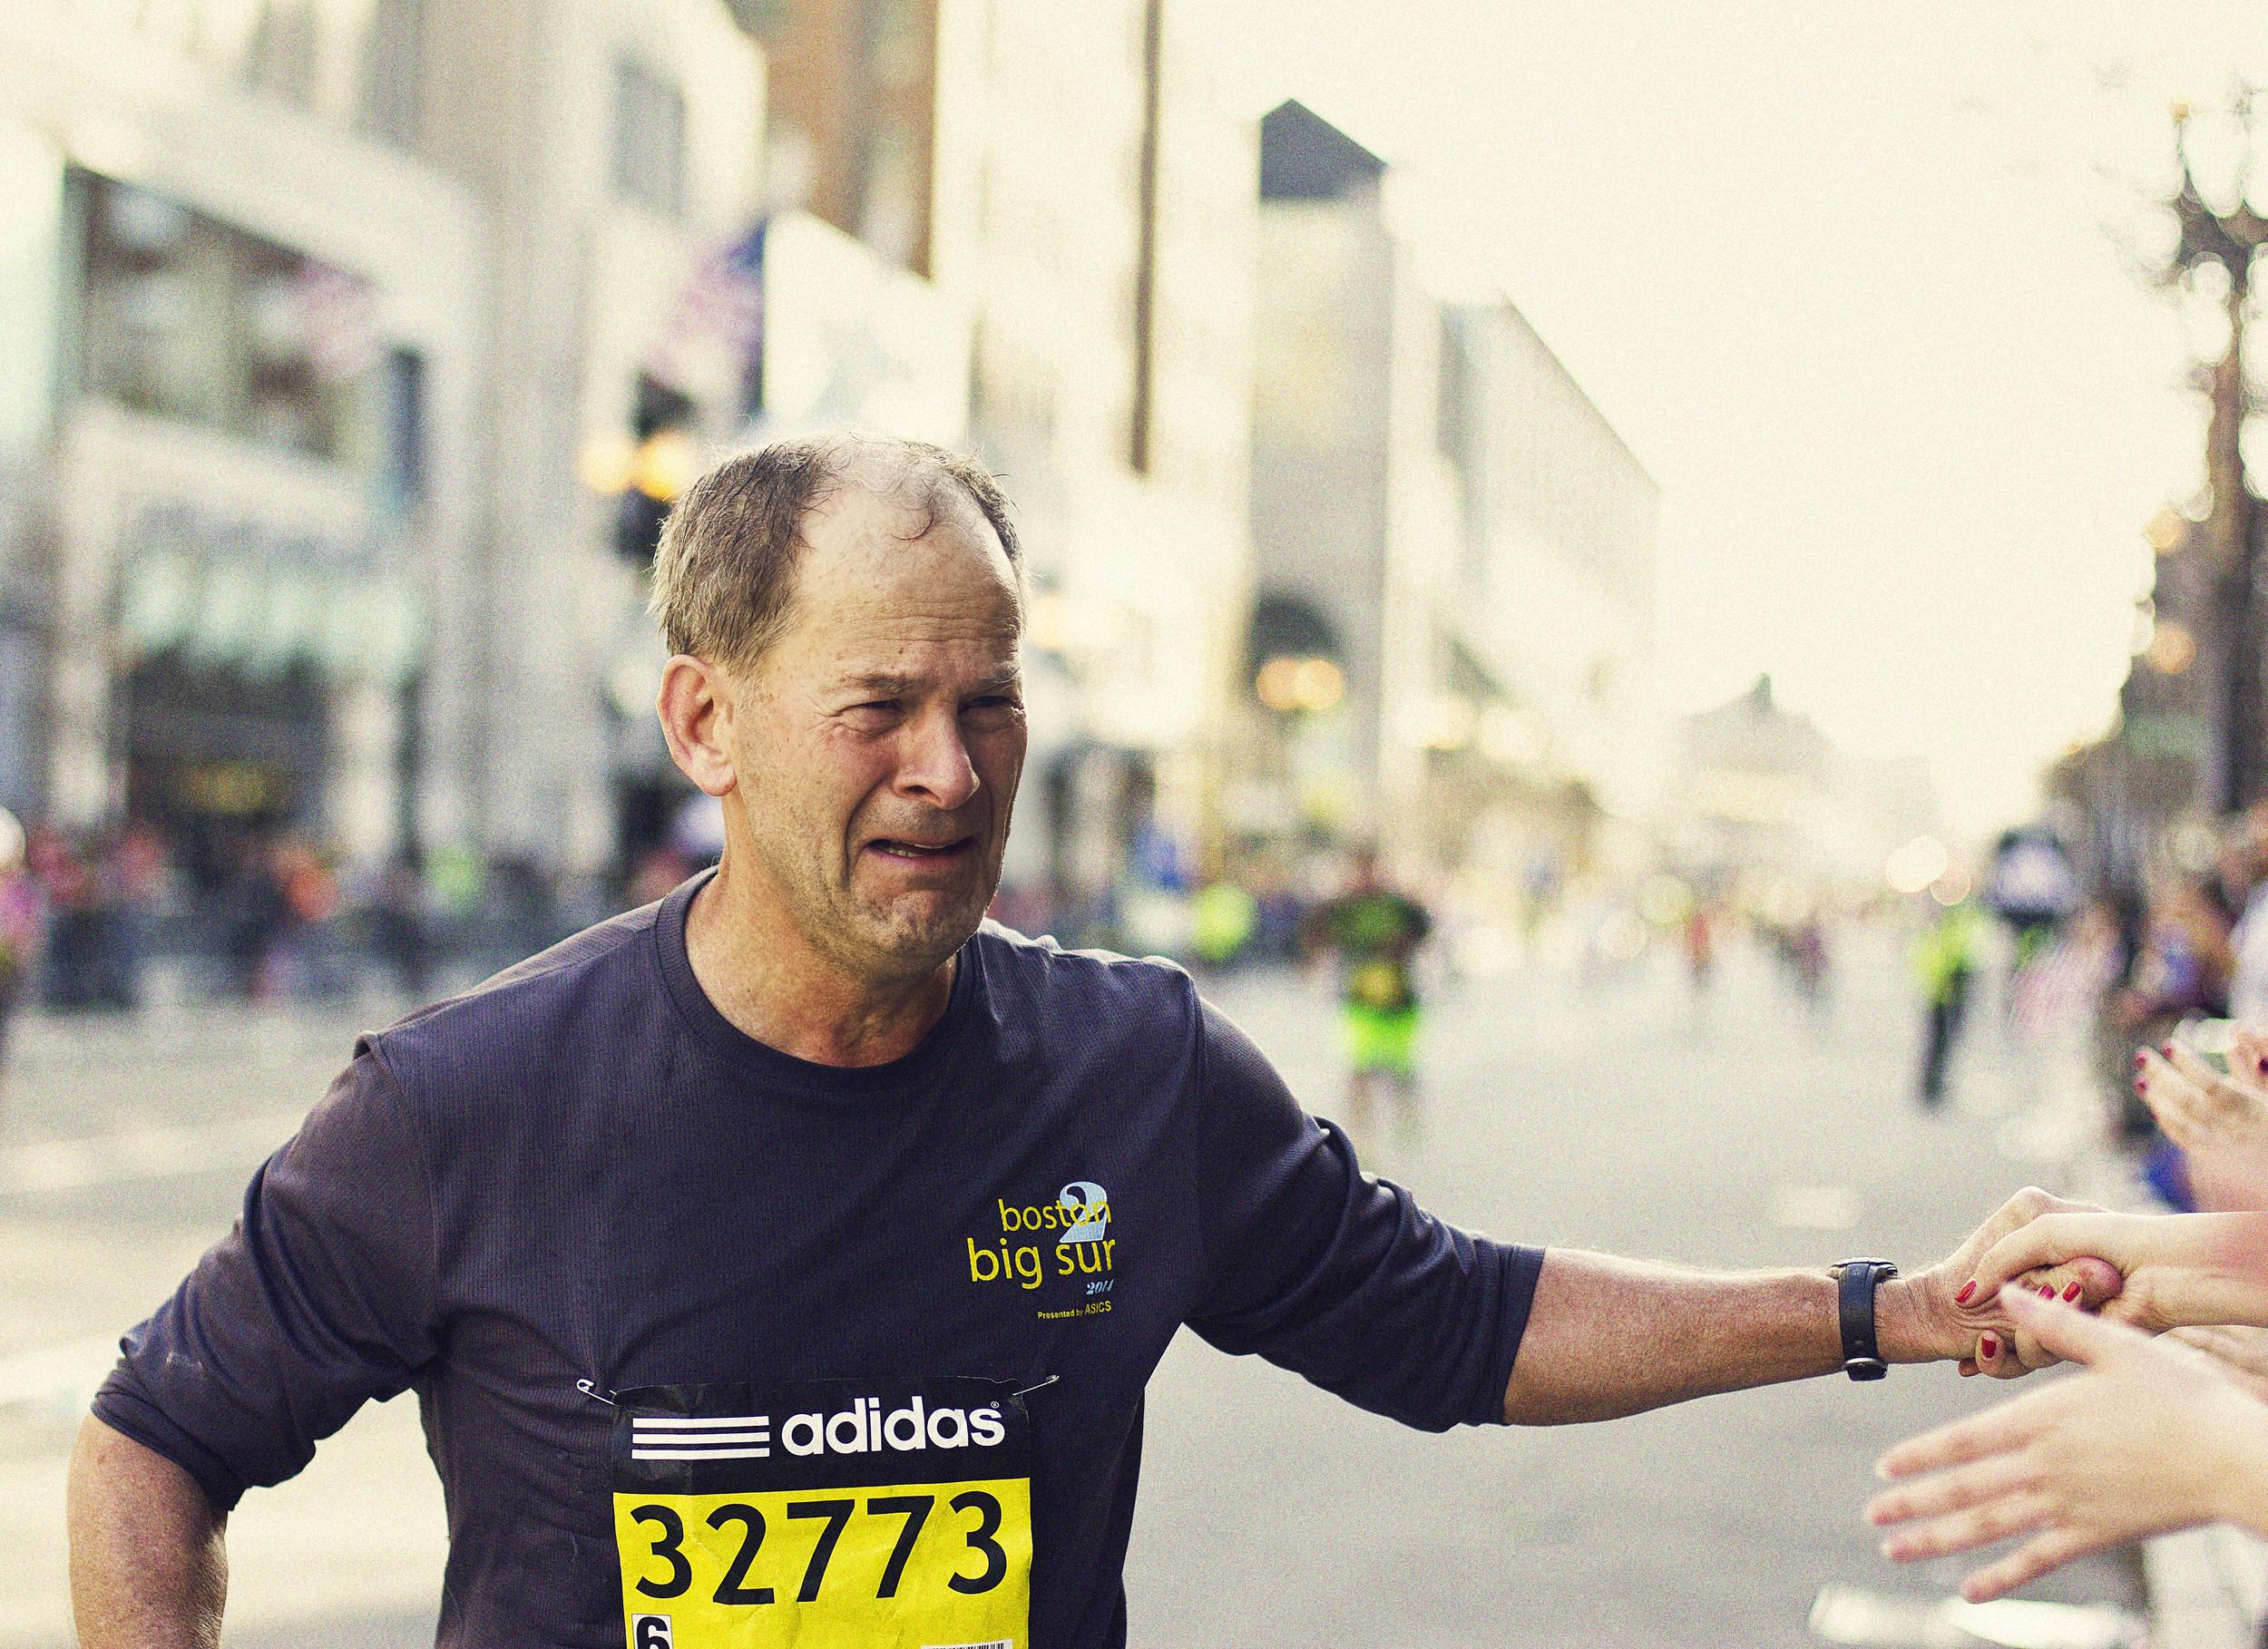 The Boston Marathon, Boston, Massachusetts, April 2014